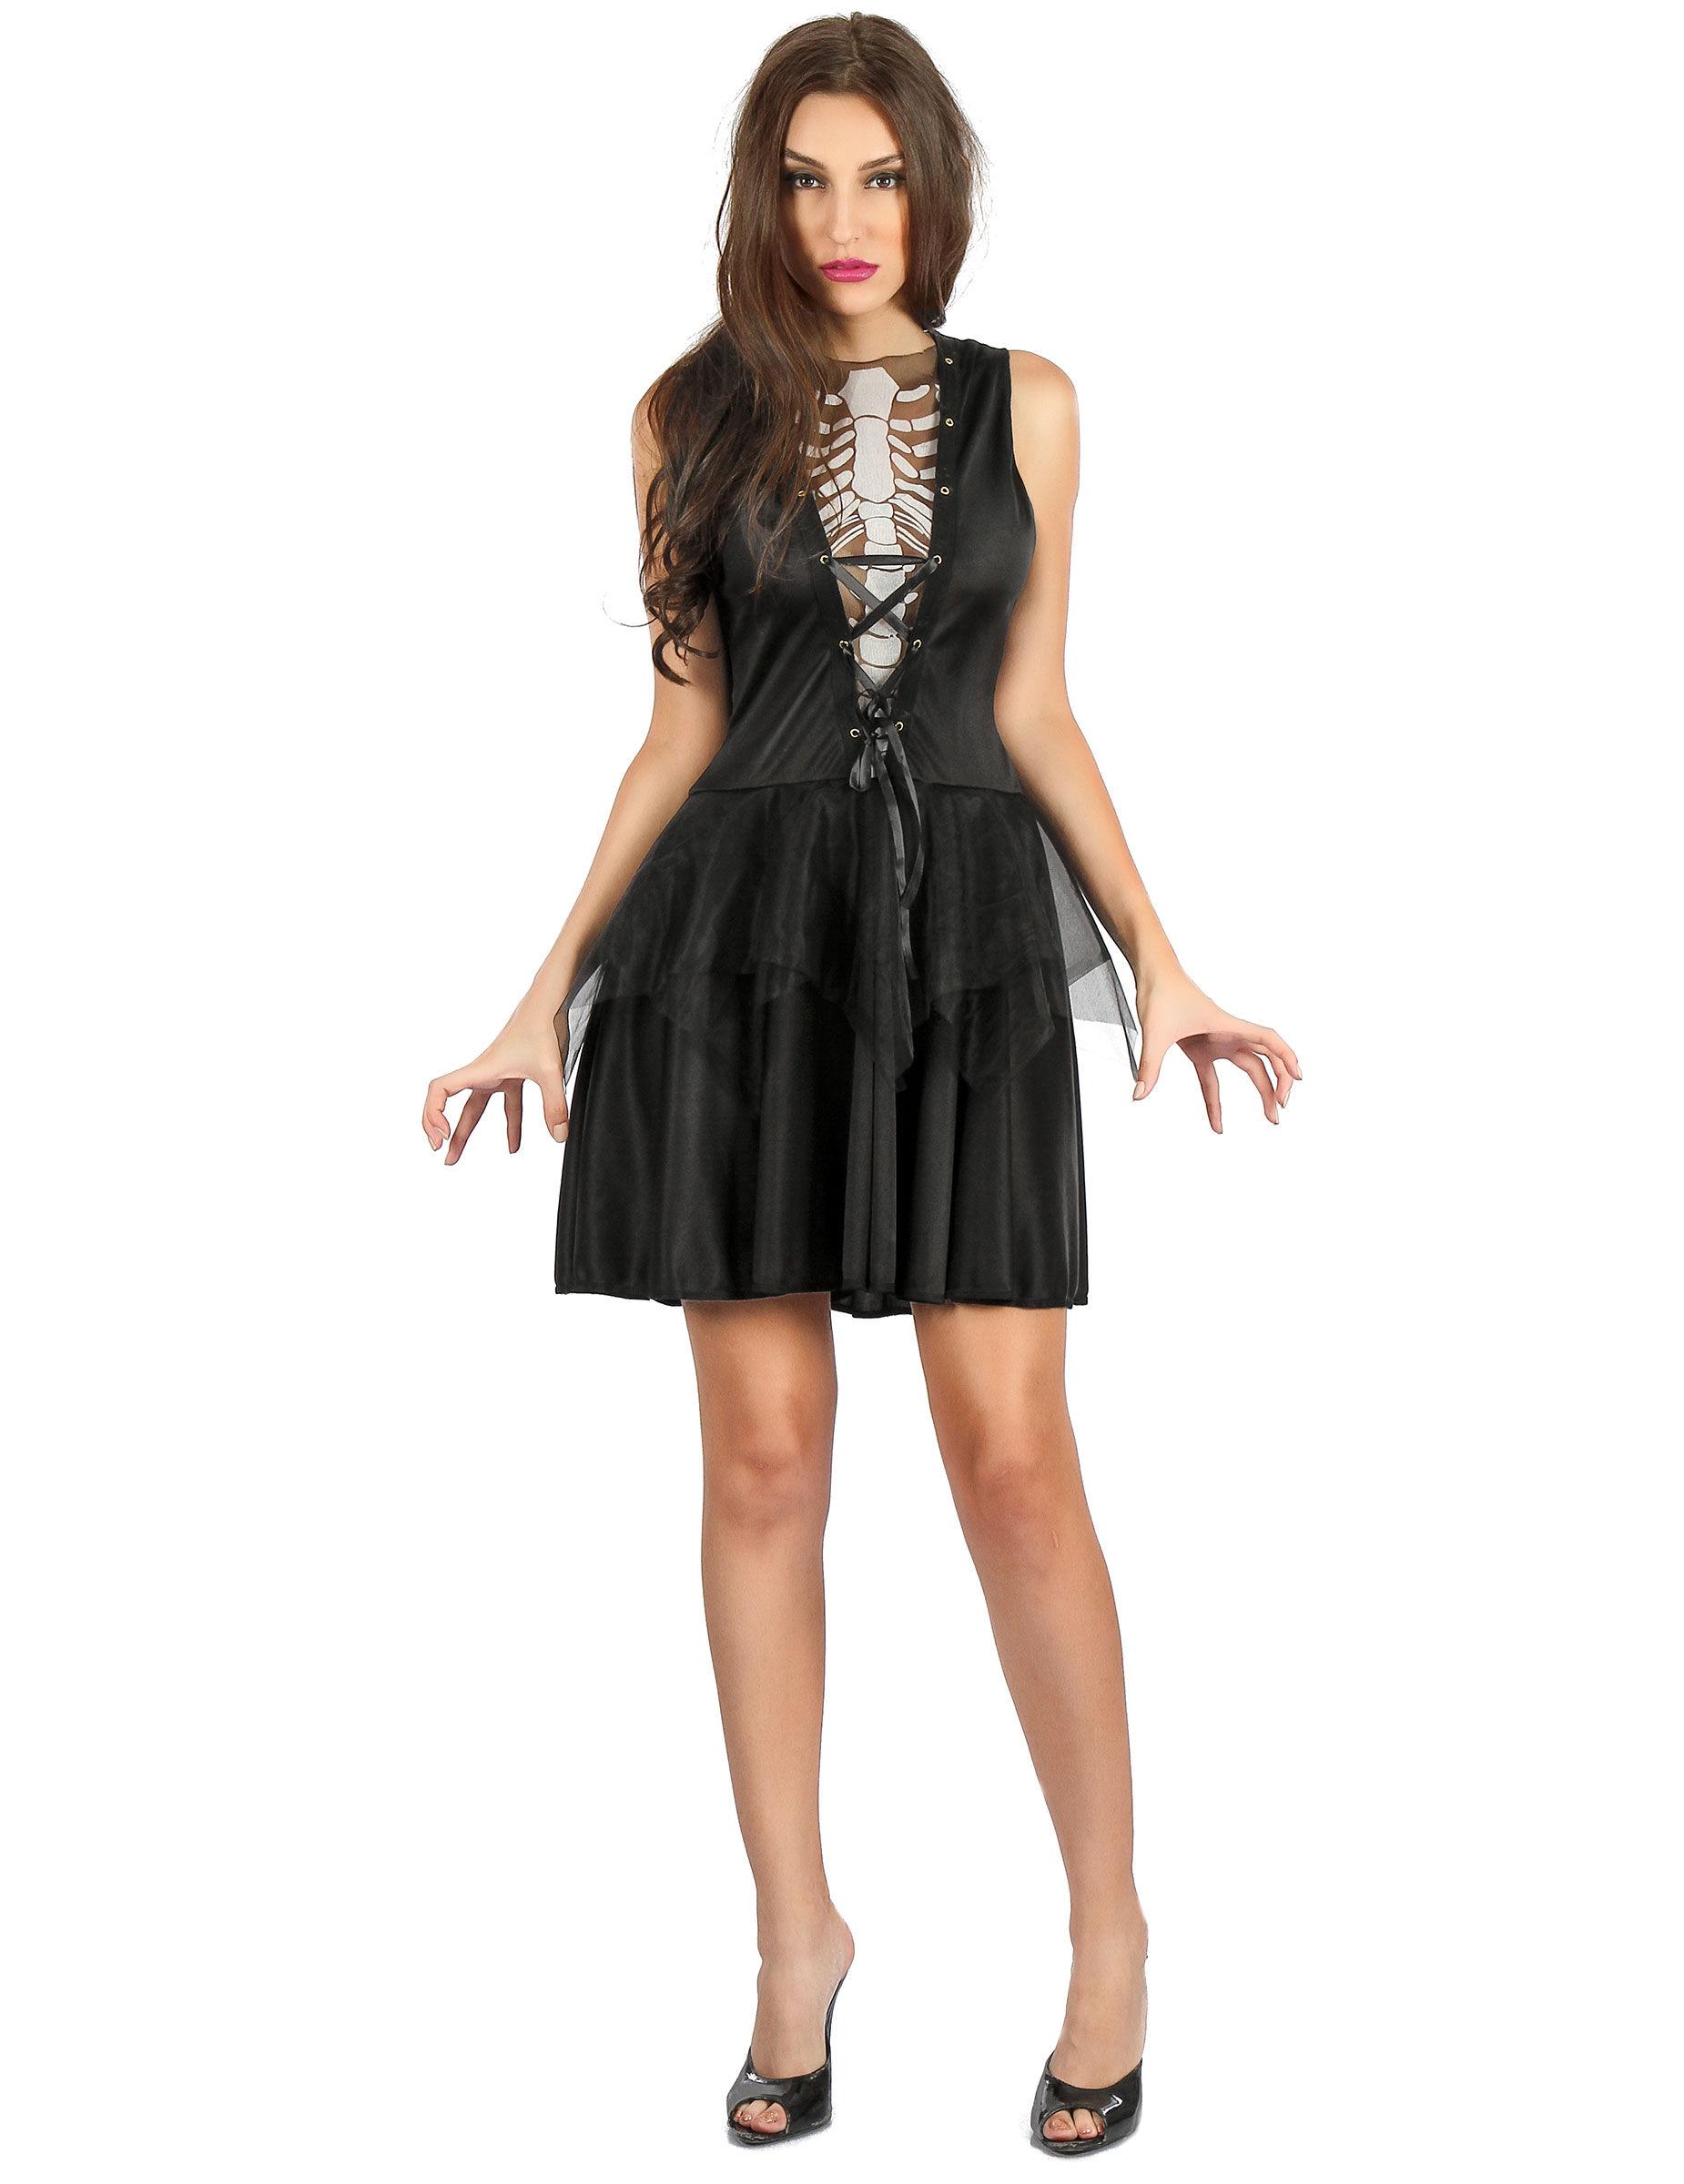 Vegaoo Costume vestito con scheletro per donna - Small